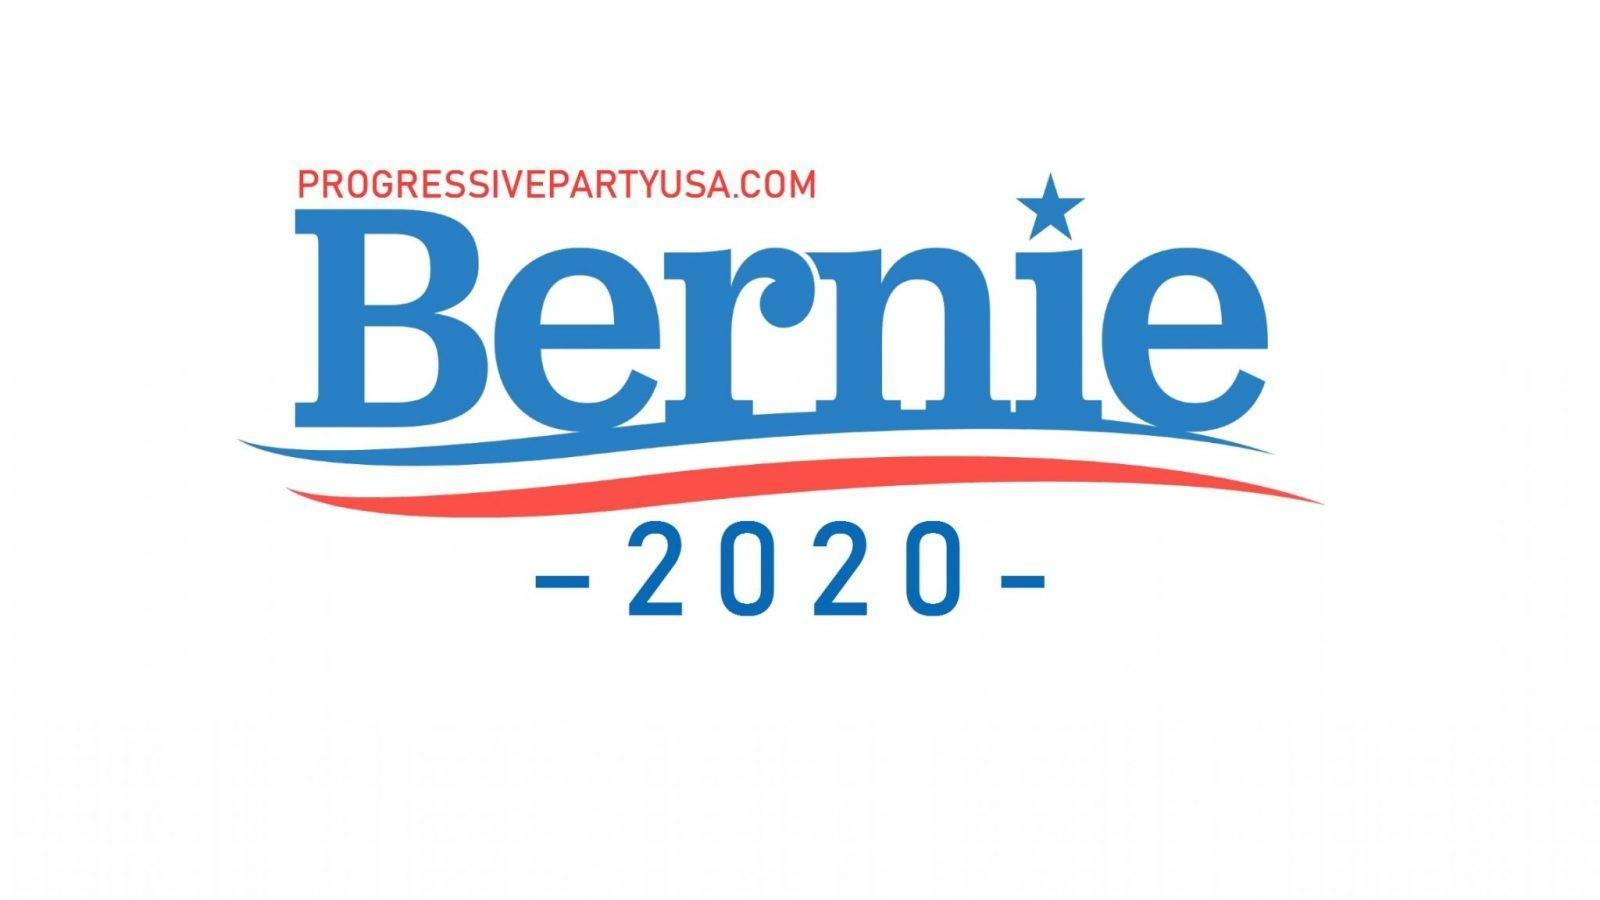 Bernie Sanders 2020 Presidential Run.